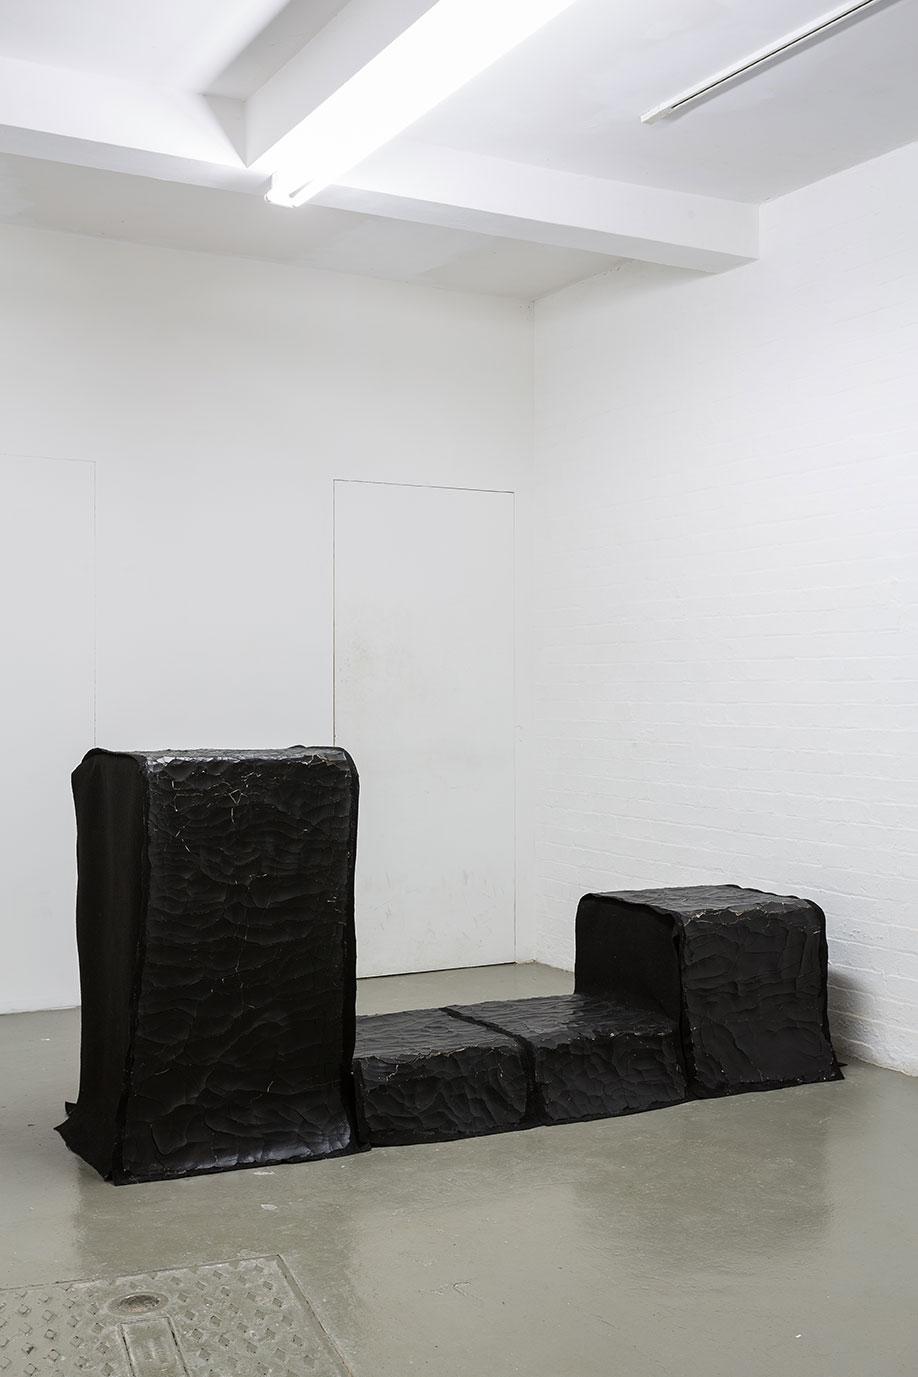 <b>Title:&nbsp;</b>Encrusted Carpet, by Ana Genovés<br /><b>Year:&nbsp;</b>2013<br /><b>Medium:&nbsp;</b>Wood, carpet, clay, paint<br /><b>Size:&nbsp;</b>240 x 98 x 55 cm